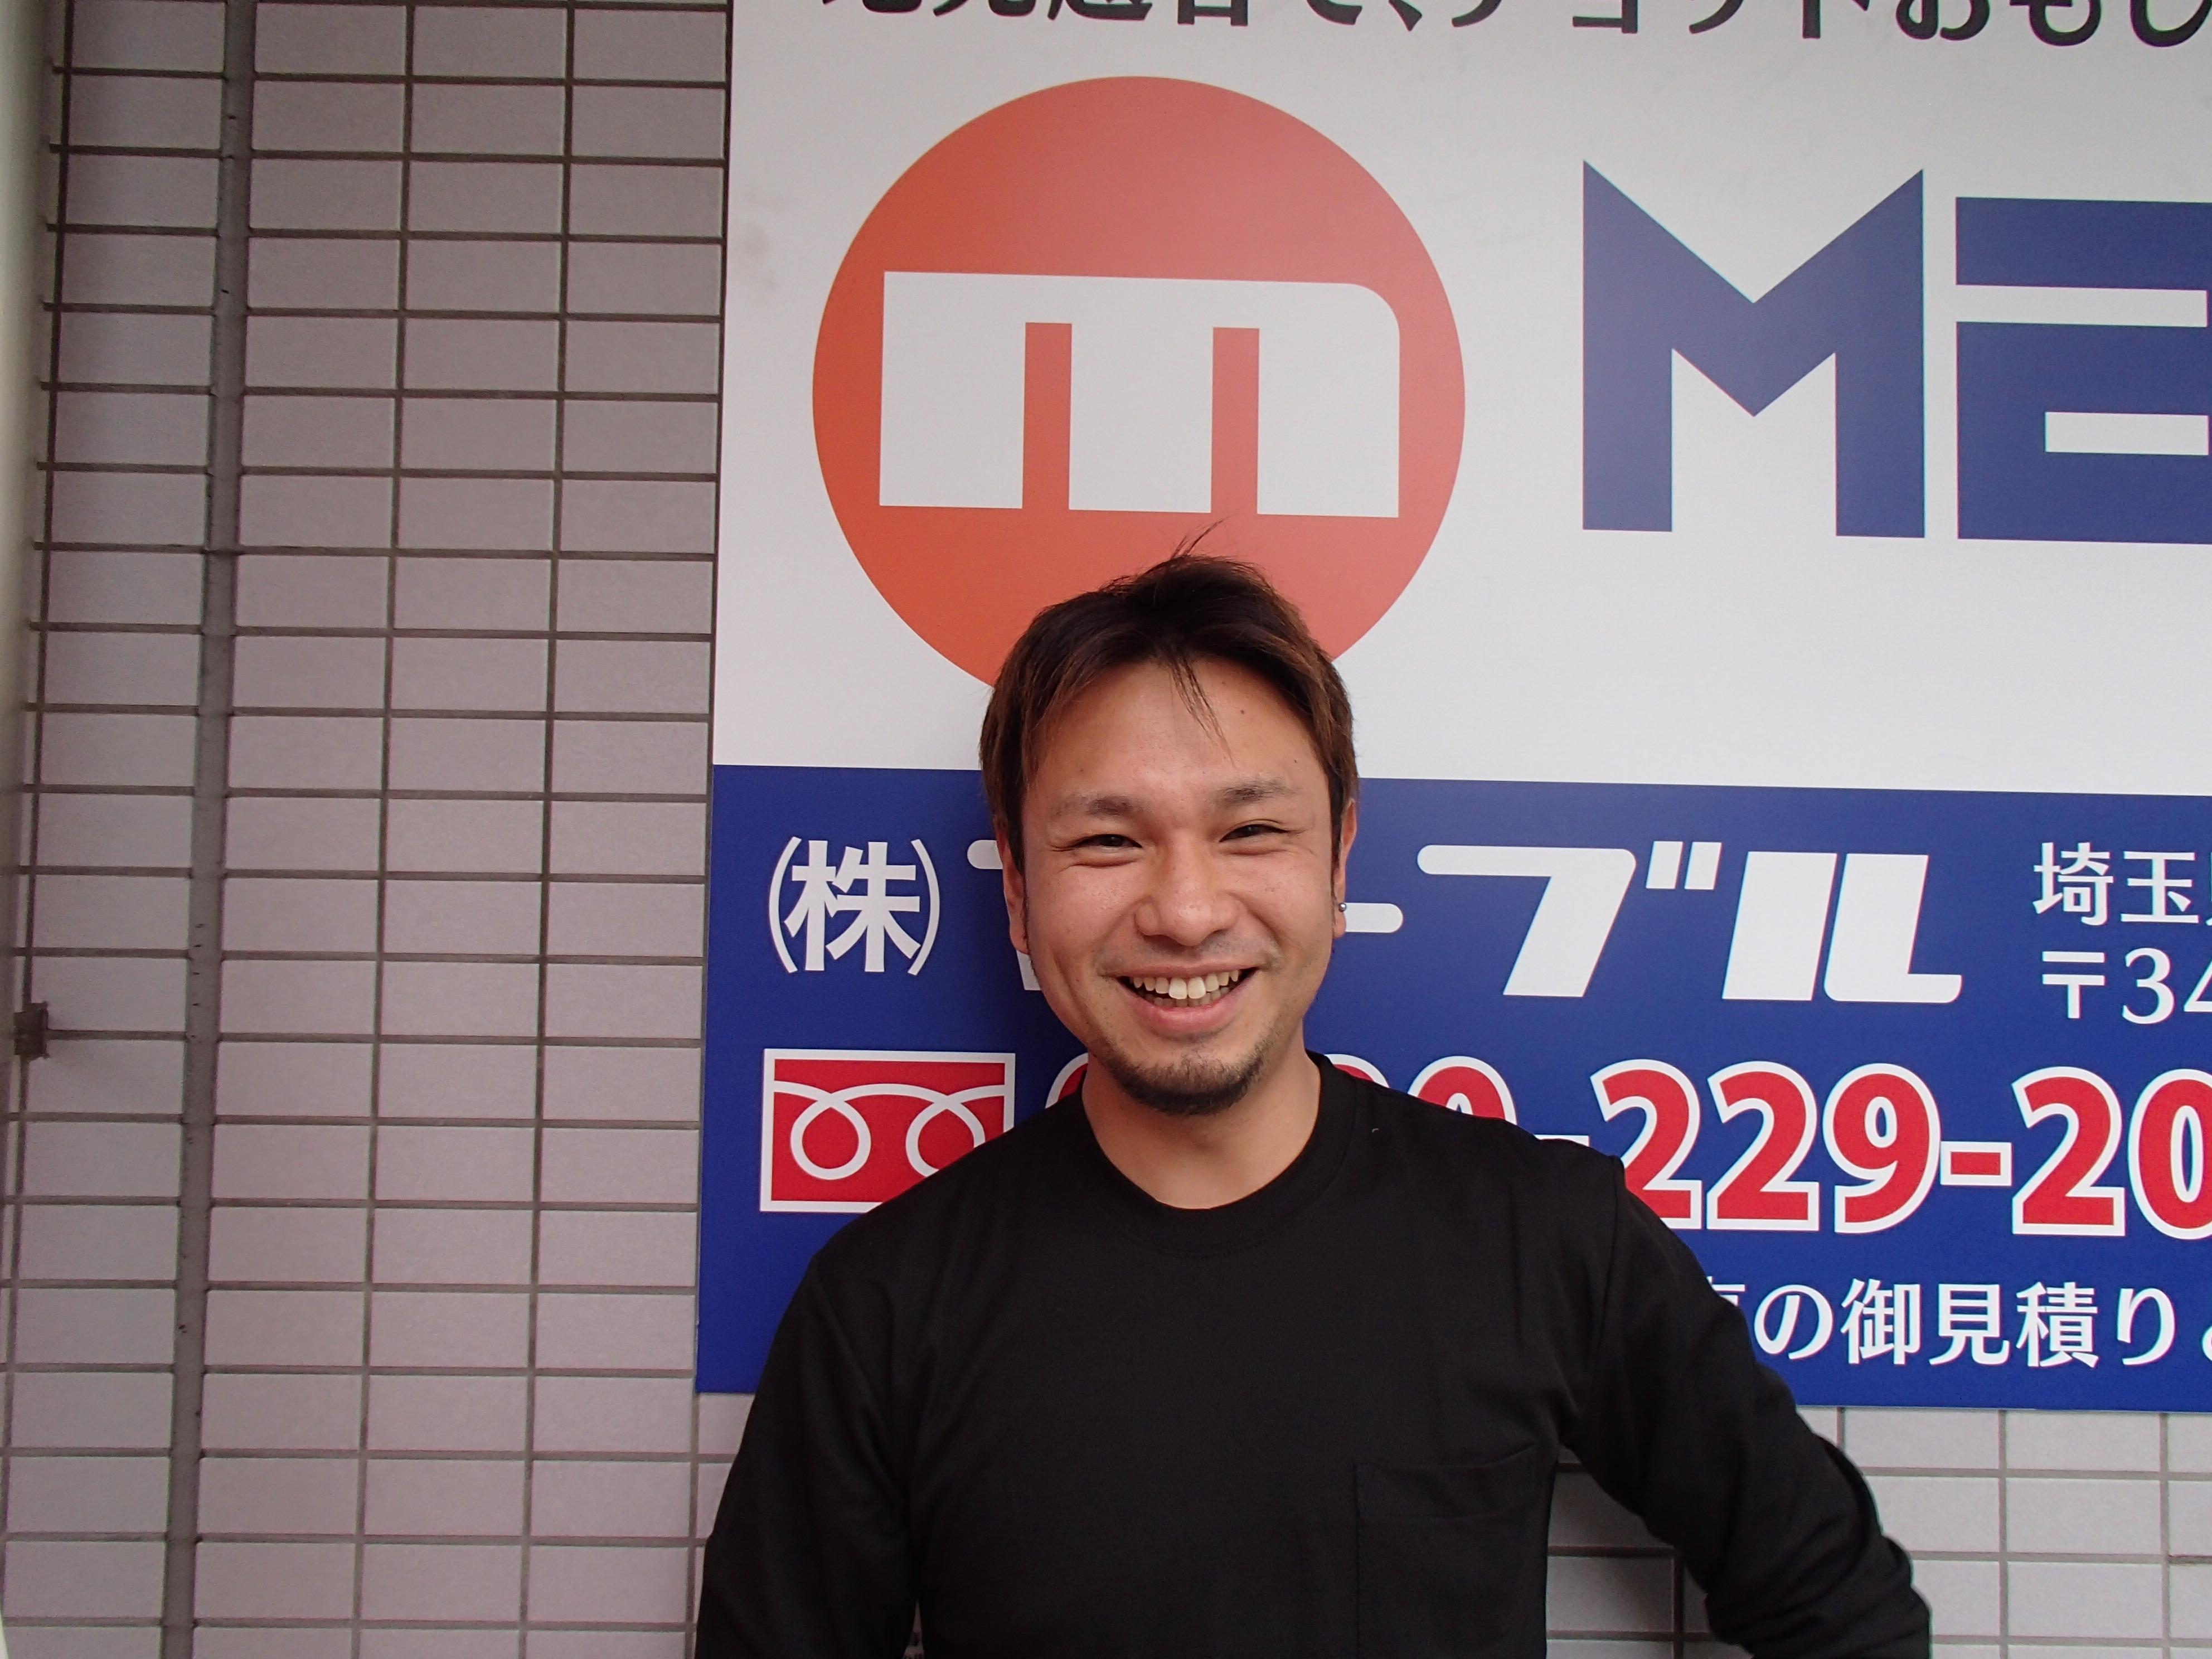 スタッフブログ 鈴木です!